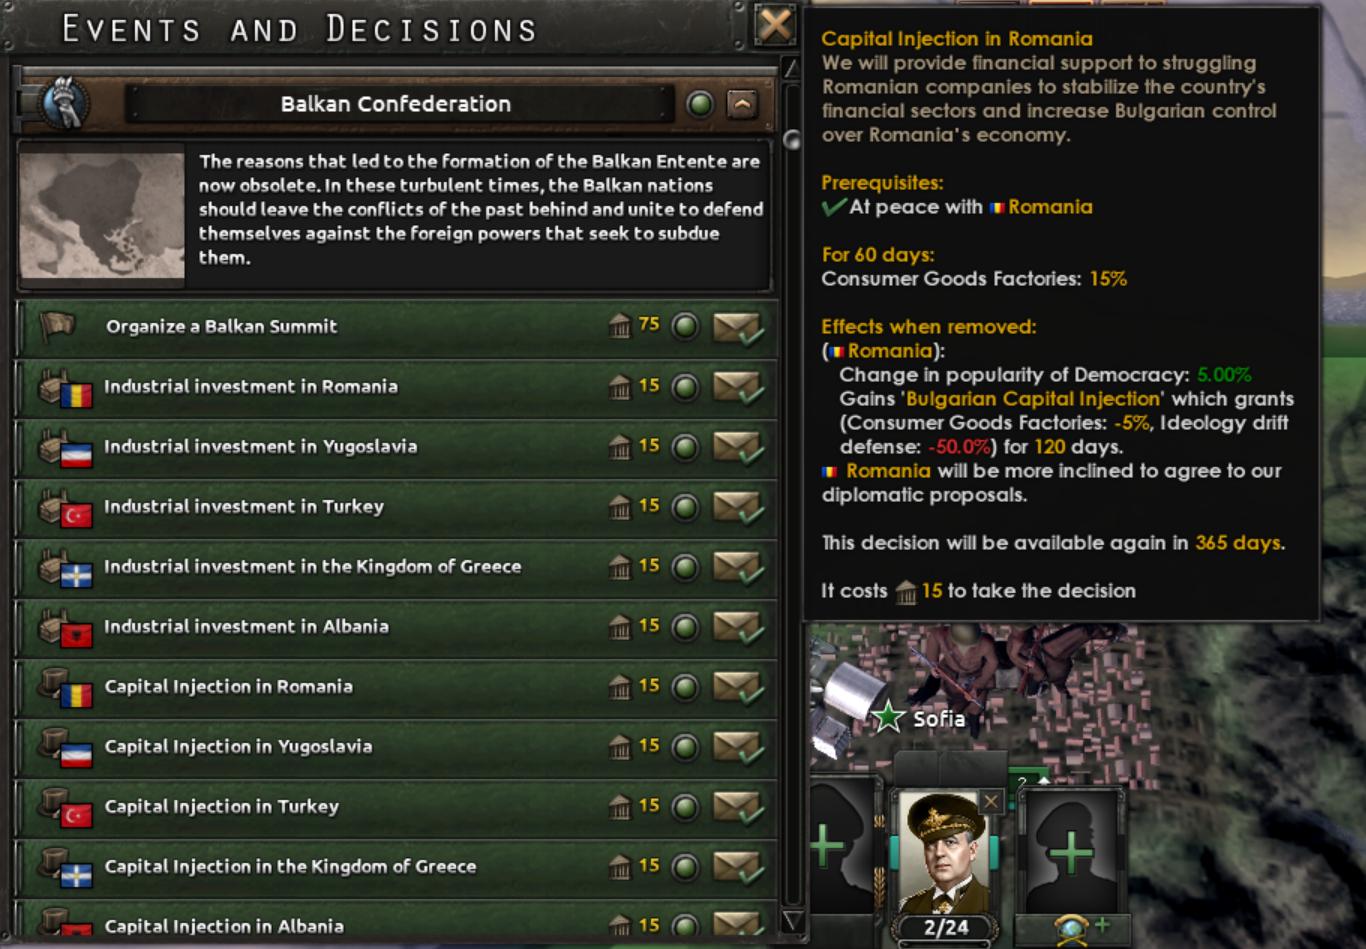 31_Balkan_Confederation_Decisions.png